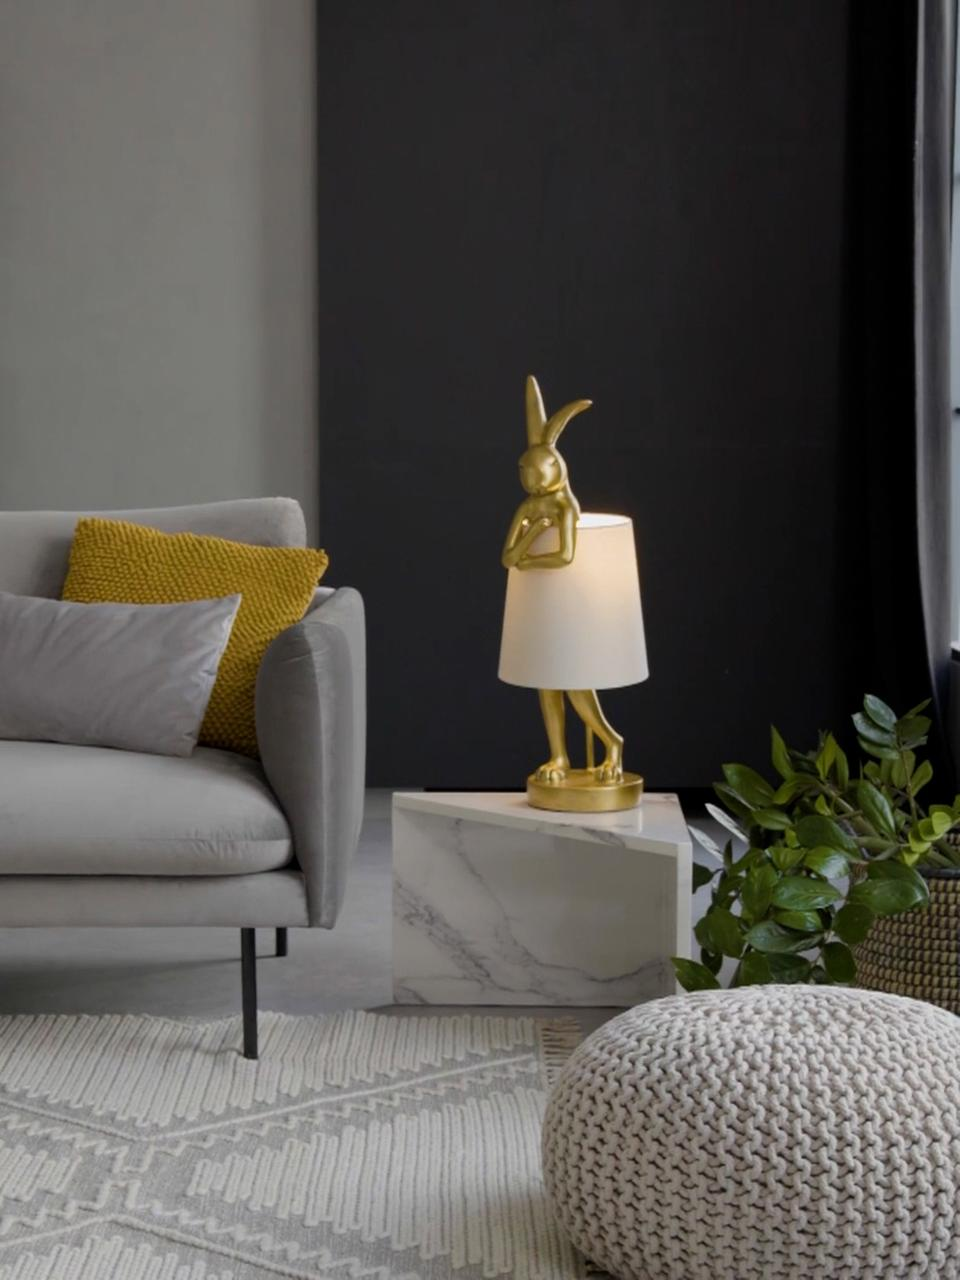 Duża lampa stołowa Rabbit, Biały, odcienie złotego, Ø 23 x W 68 cm